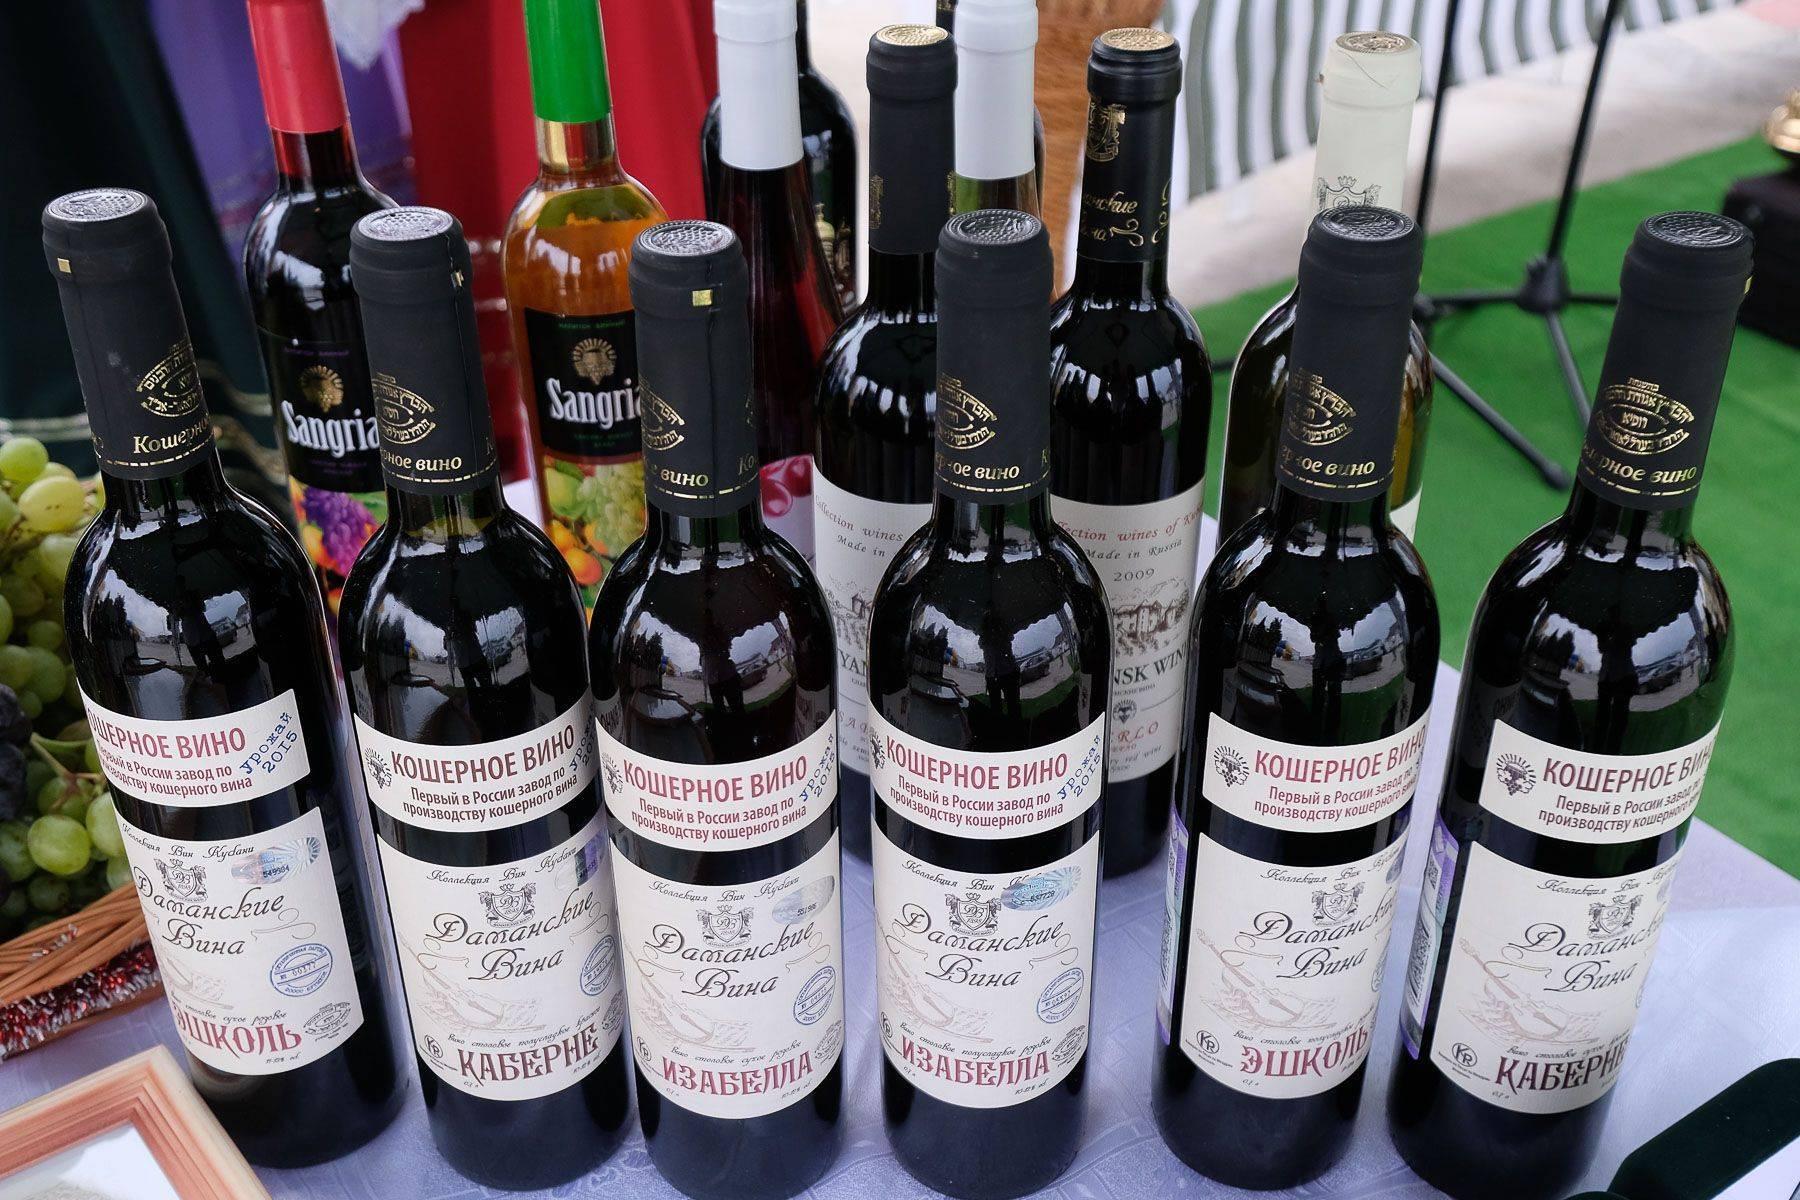 Сладкое вино: список названий красного, белого алкоголя, какое самое вкусное, хорошее, как правильно выбрать